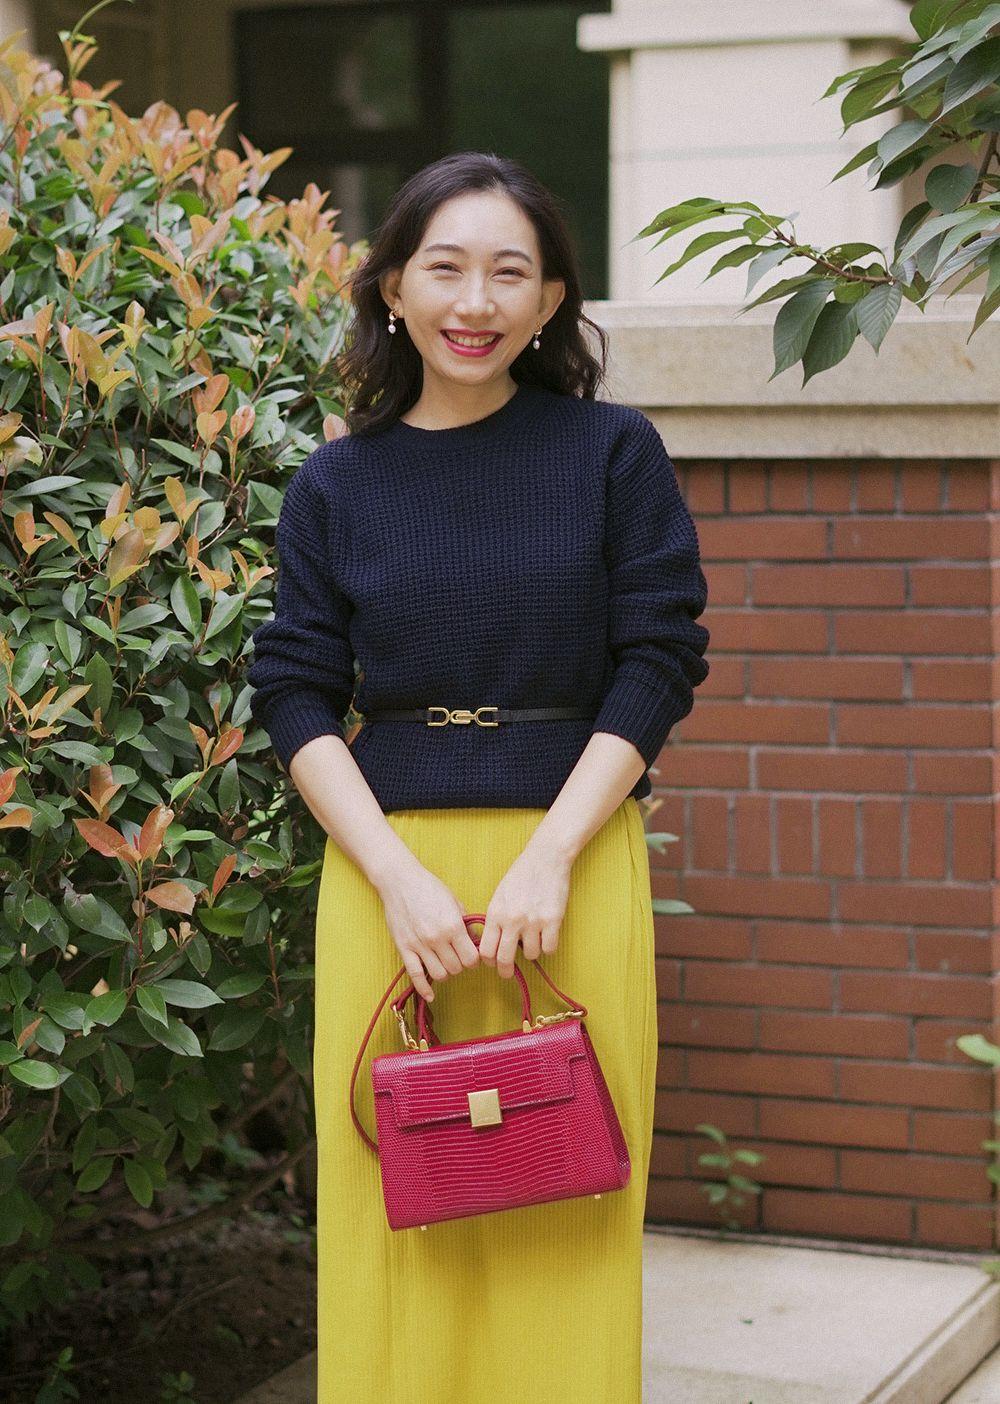 初秋气质穿搭灵感:基础款+亮色包包,吸睛又时髦